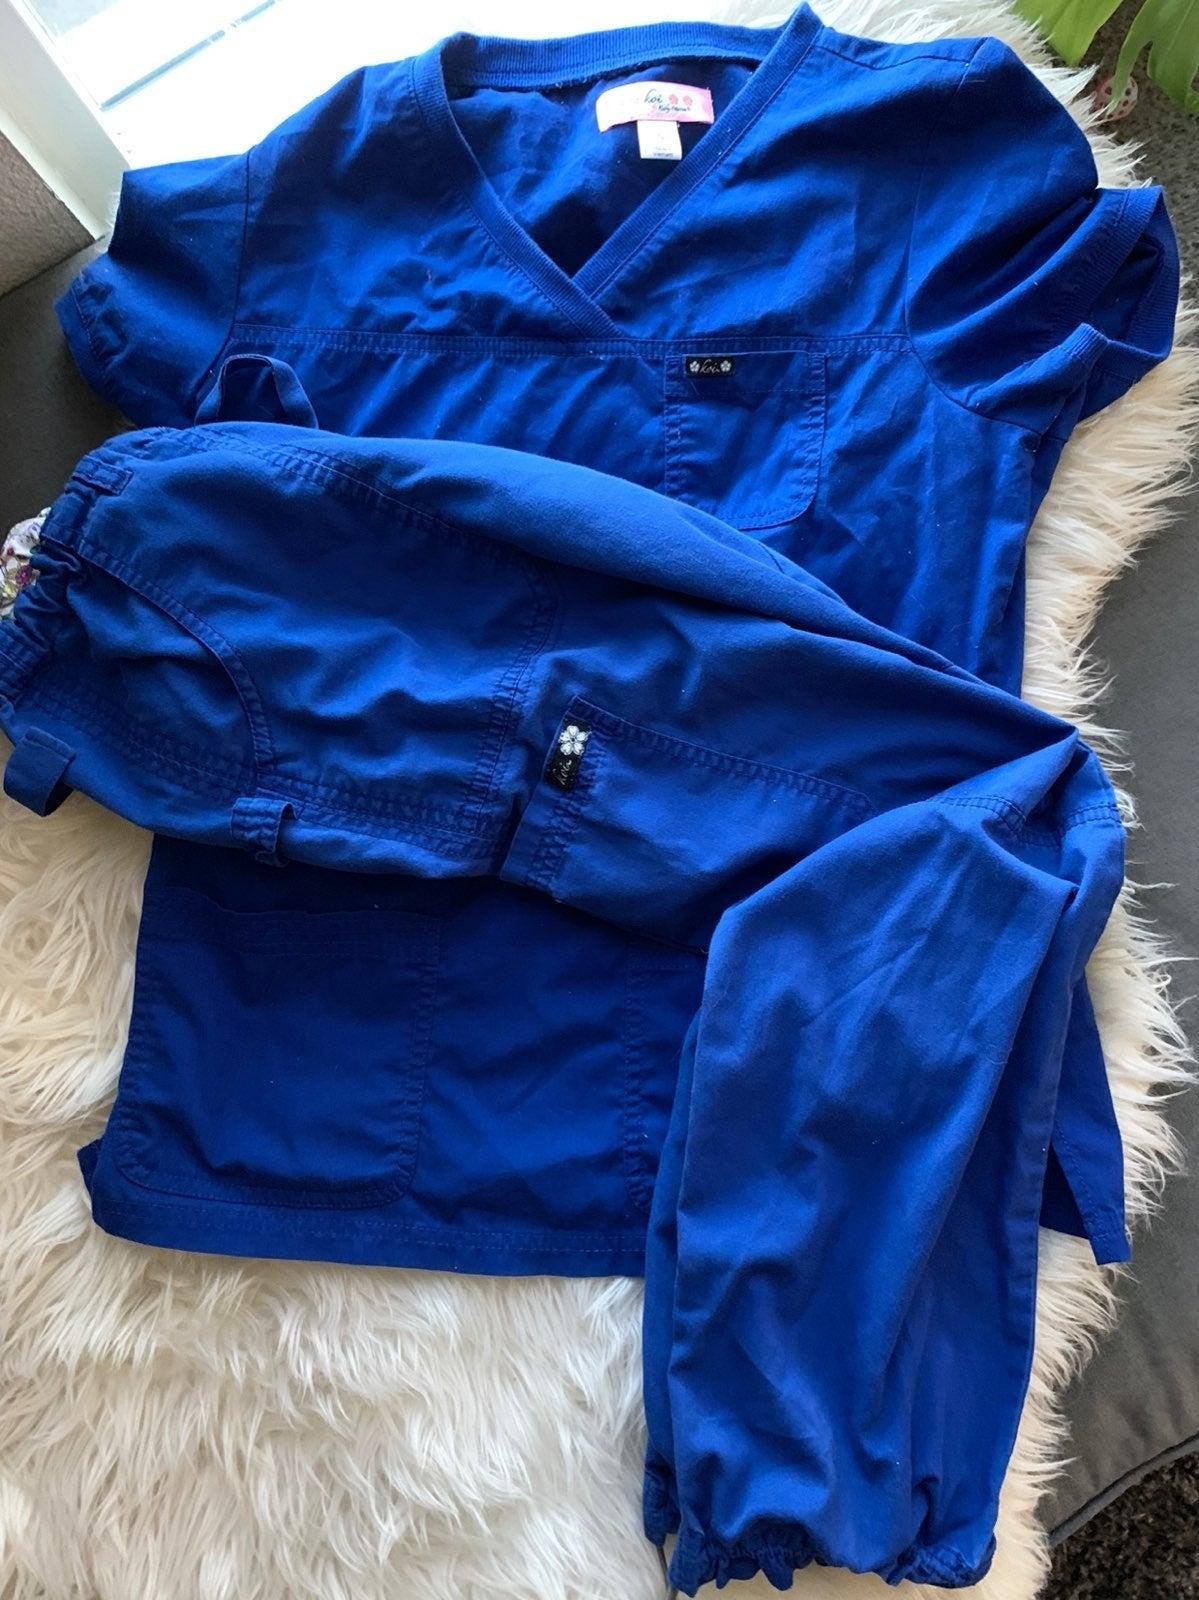 Koi Scrub Set Royal Blue size S